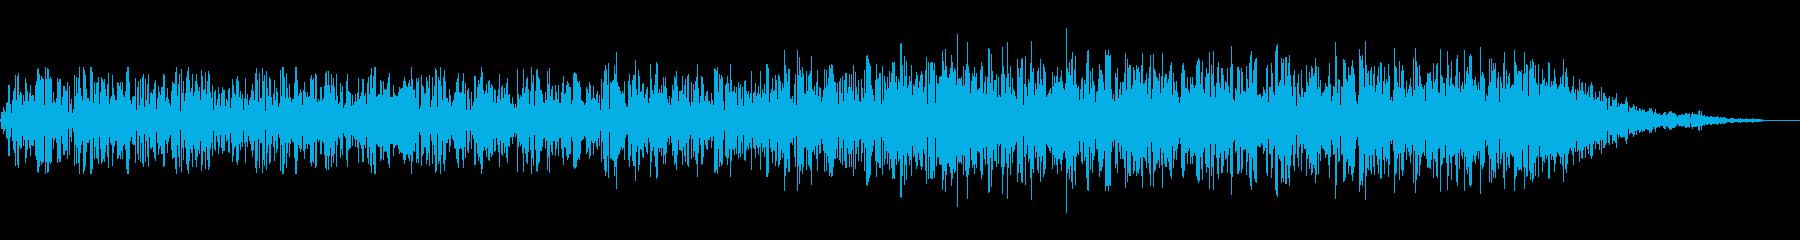 地震/地鳴り/地響き/ゴゴゴゴ/揺れの再生済みの波形